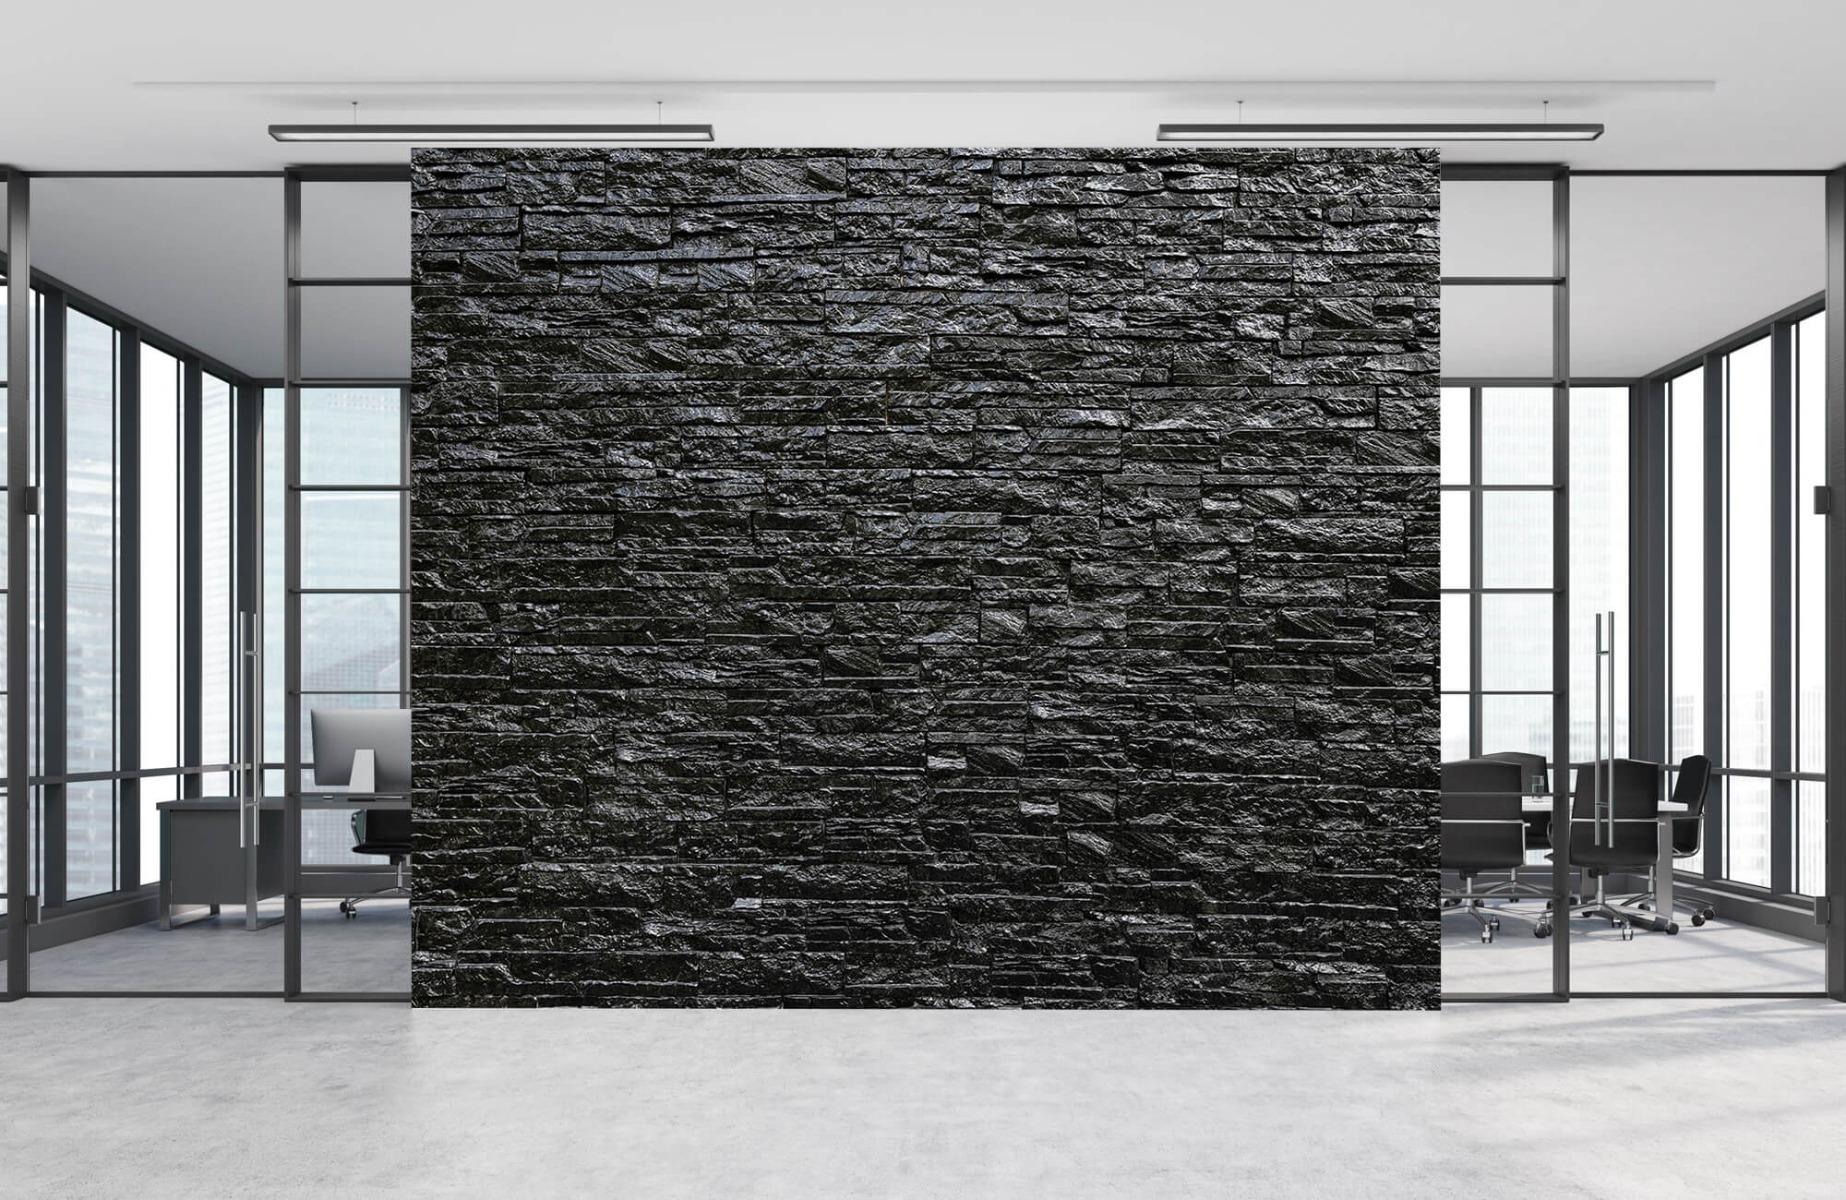 Steen behang - Zwarte stenen - Wallexclusive - Slaapkamer 8